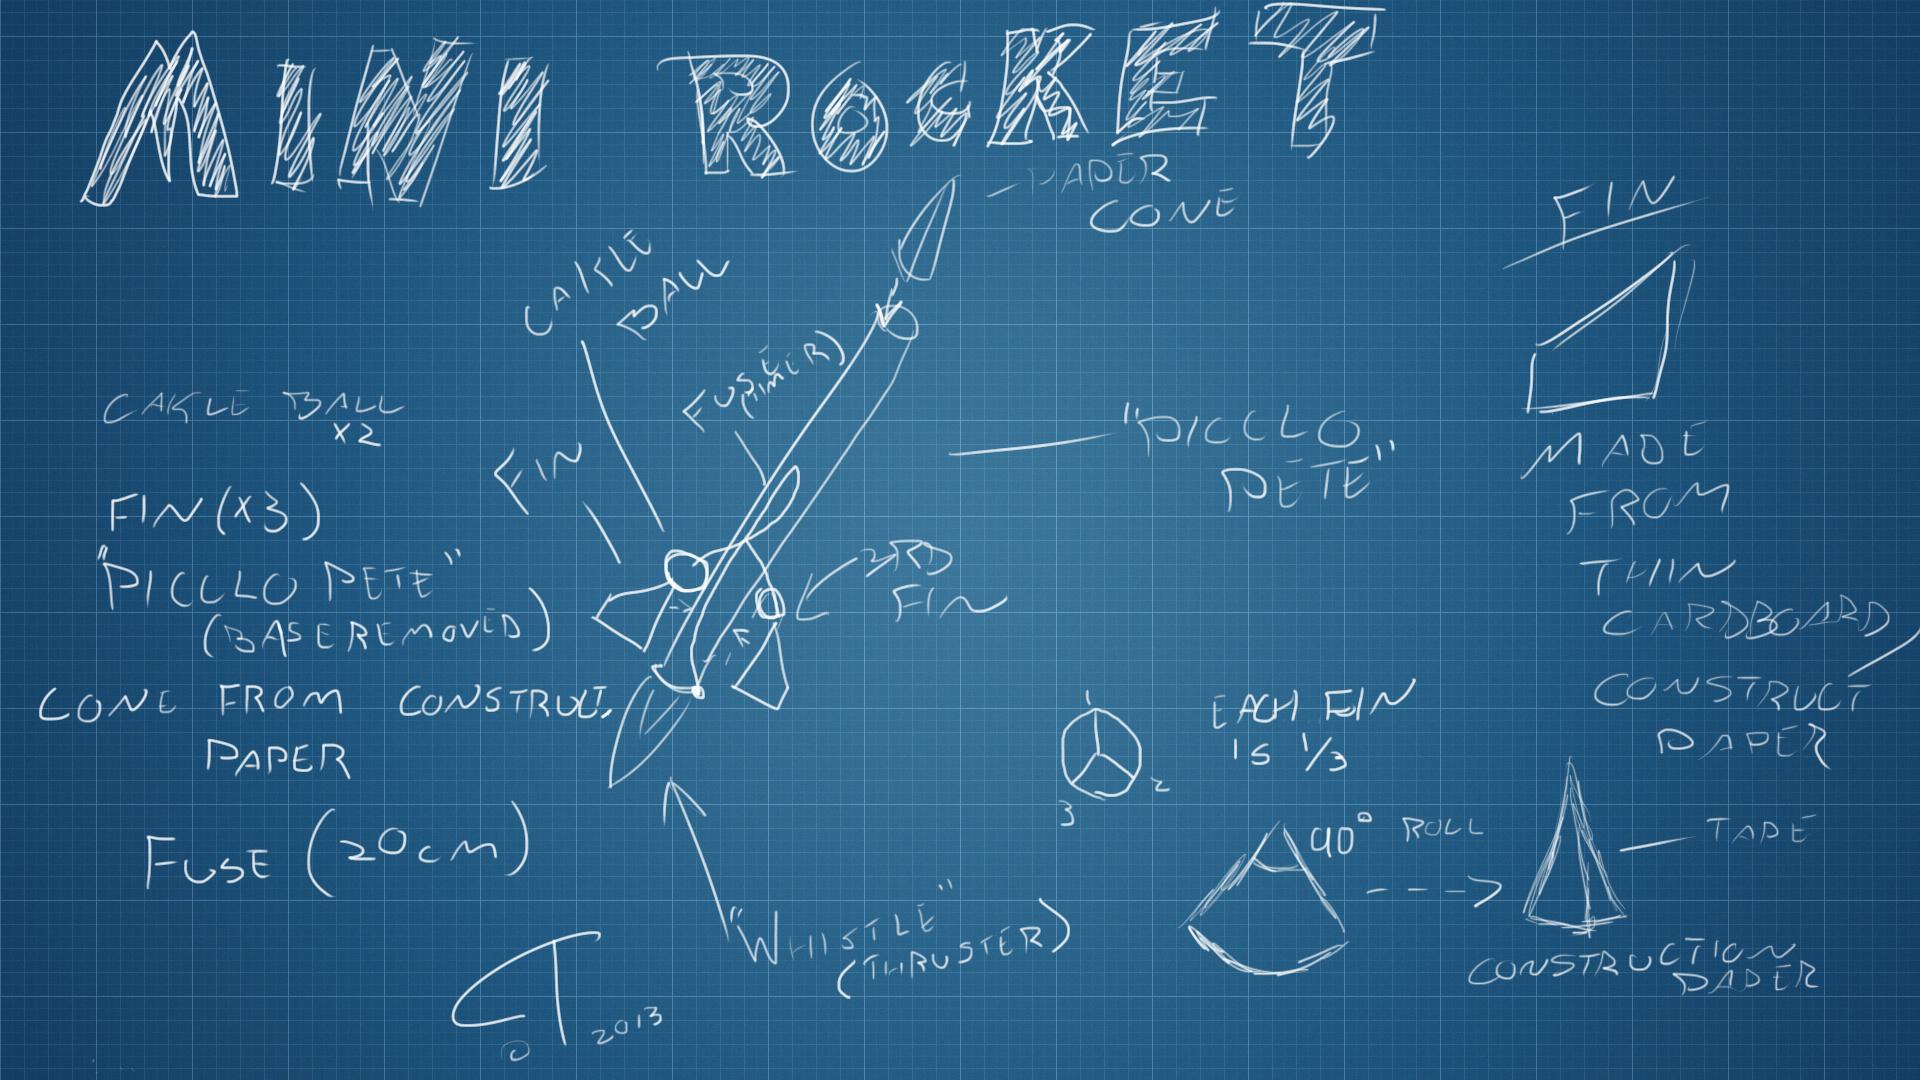 Whistle firework rocket blueprints by cyntehl on deviantart Print blueprints